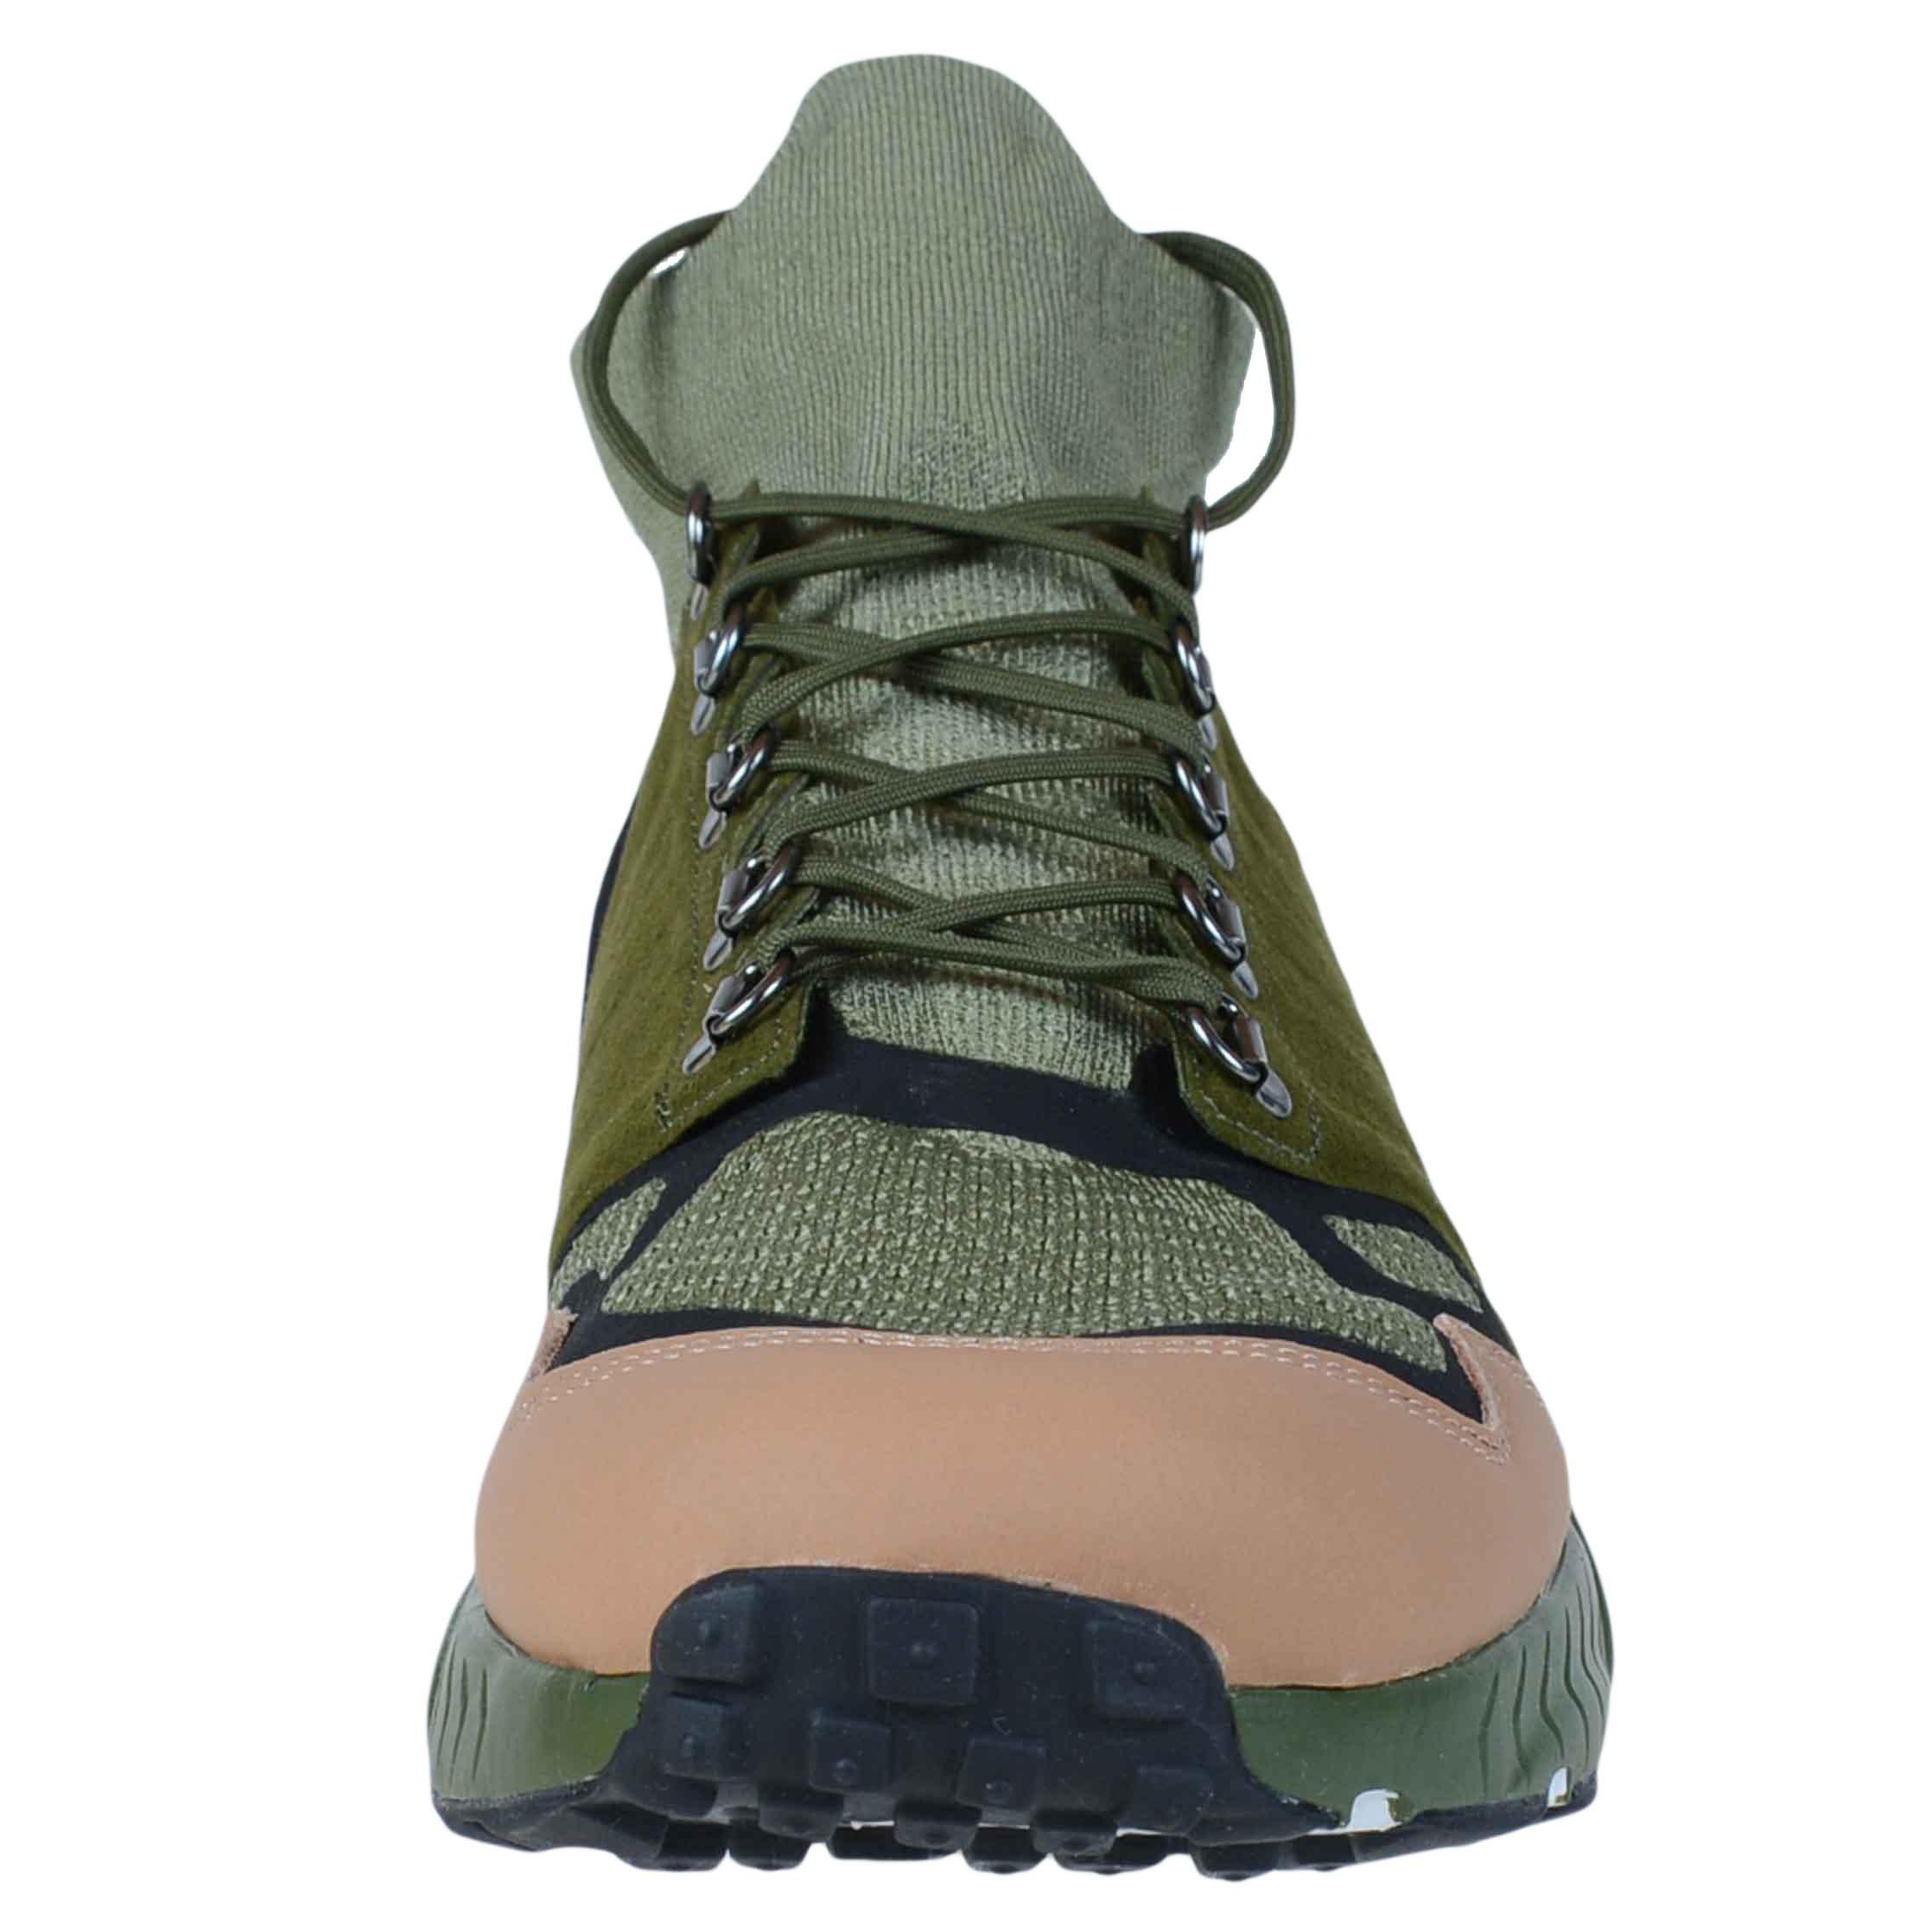 Nike Air Zoom Talaria Mid FK Prm Palm Verde / Legion Verde Casual Shoe 11 Hombres EE. UU. 1WgGzweP